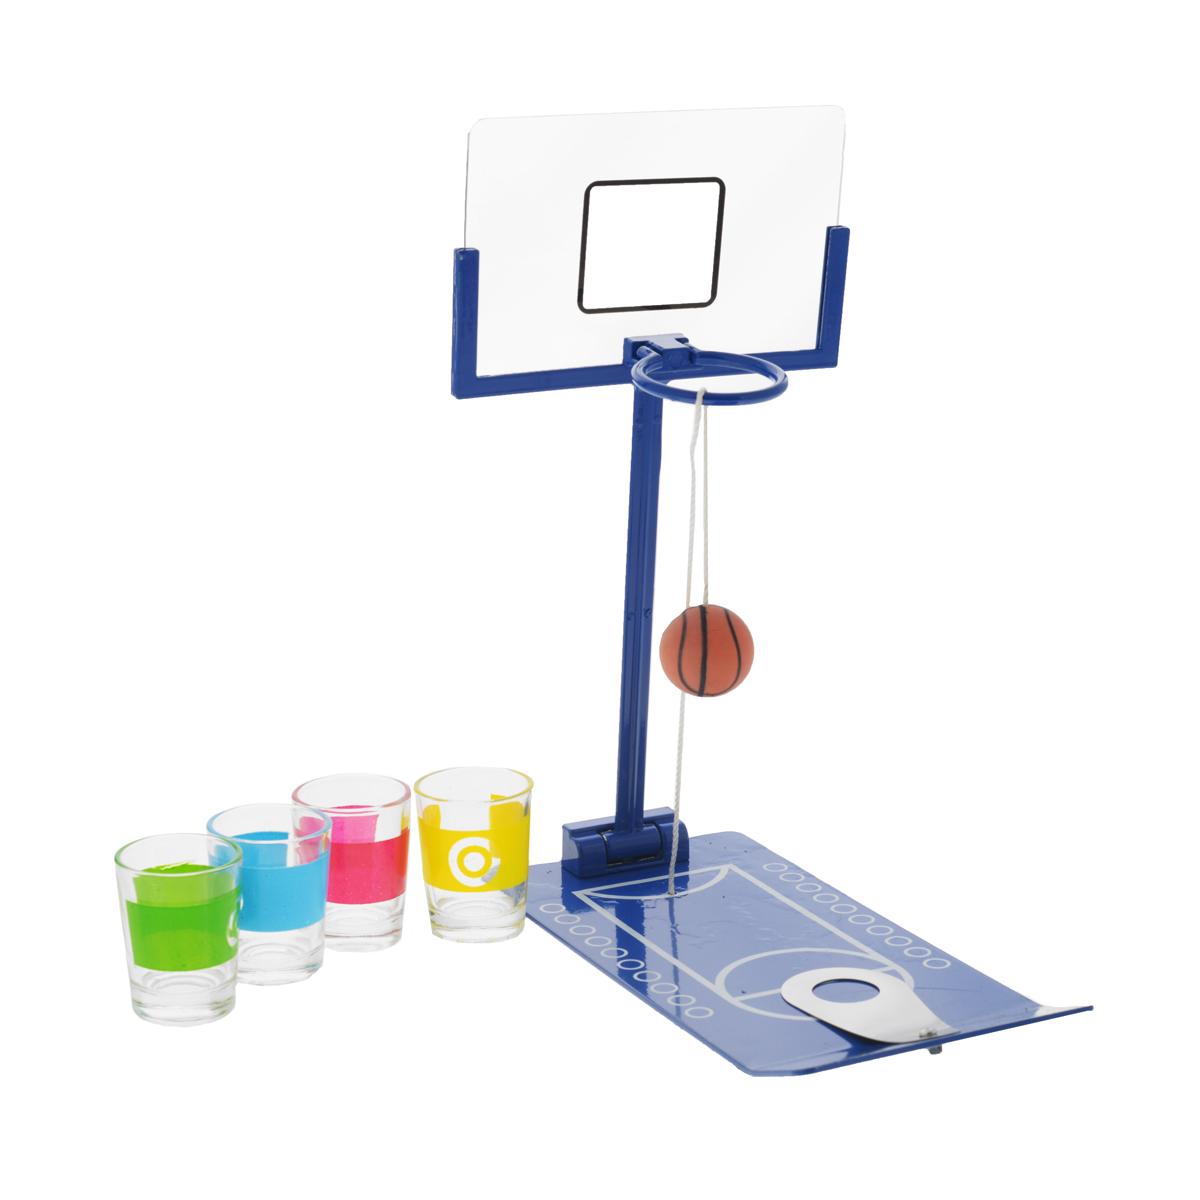 Игра настольная Русские Подарки Мини баскетбол, размер: 21*25 см. 4242942429Мини-баскетбол - это оригинальная игра, которая сделает вашу вечеринку ещё веселей. Попытайтесь попасть мячом в корзину, ведь тот кто проиграет, должен выпить из рюмки любимые напитки. С такой игрой любое застолье превратится в настоящий праздник. Комплектация: игровое поле, 4 рюмки, мяч. Количество игроков: 4. Рекомендуемый возраст: 3+.